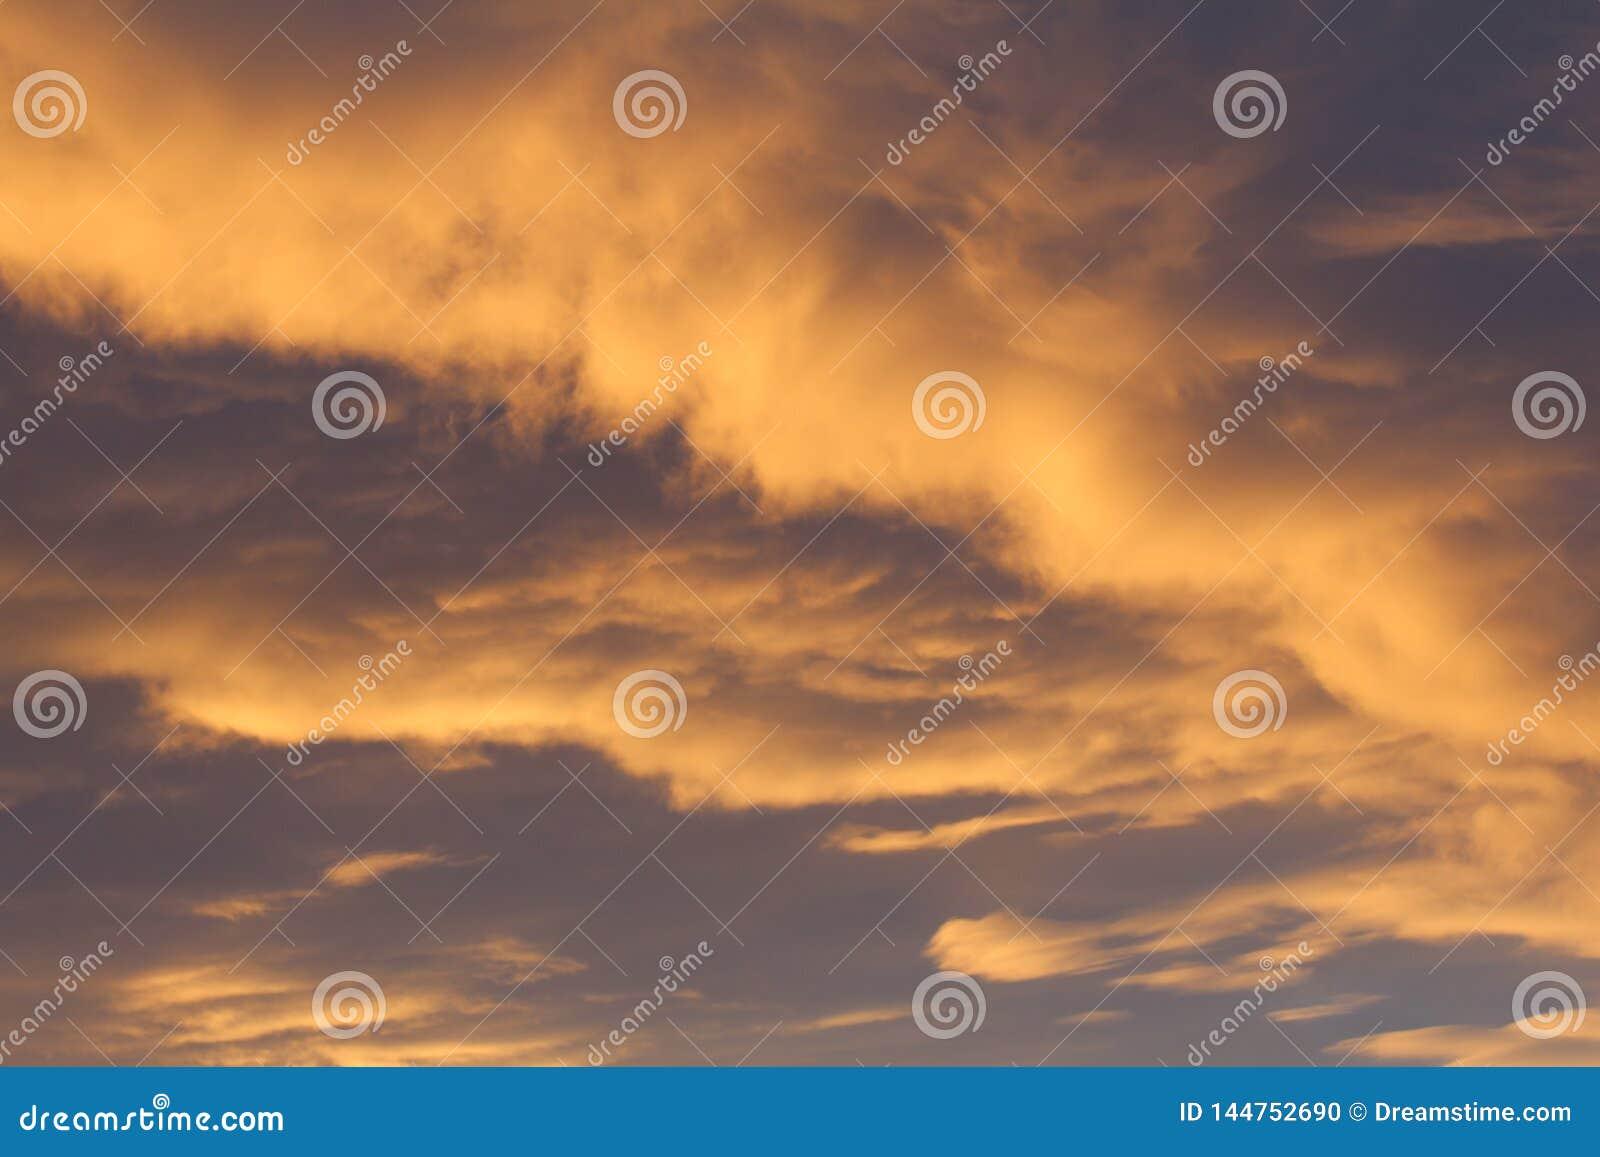 Estate grigia di giorno di sera arancio della nuvola del cielo generarsi